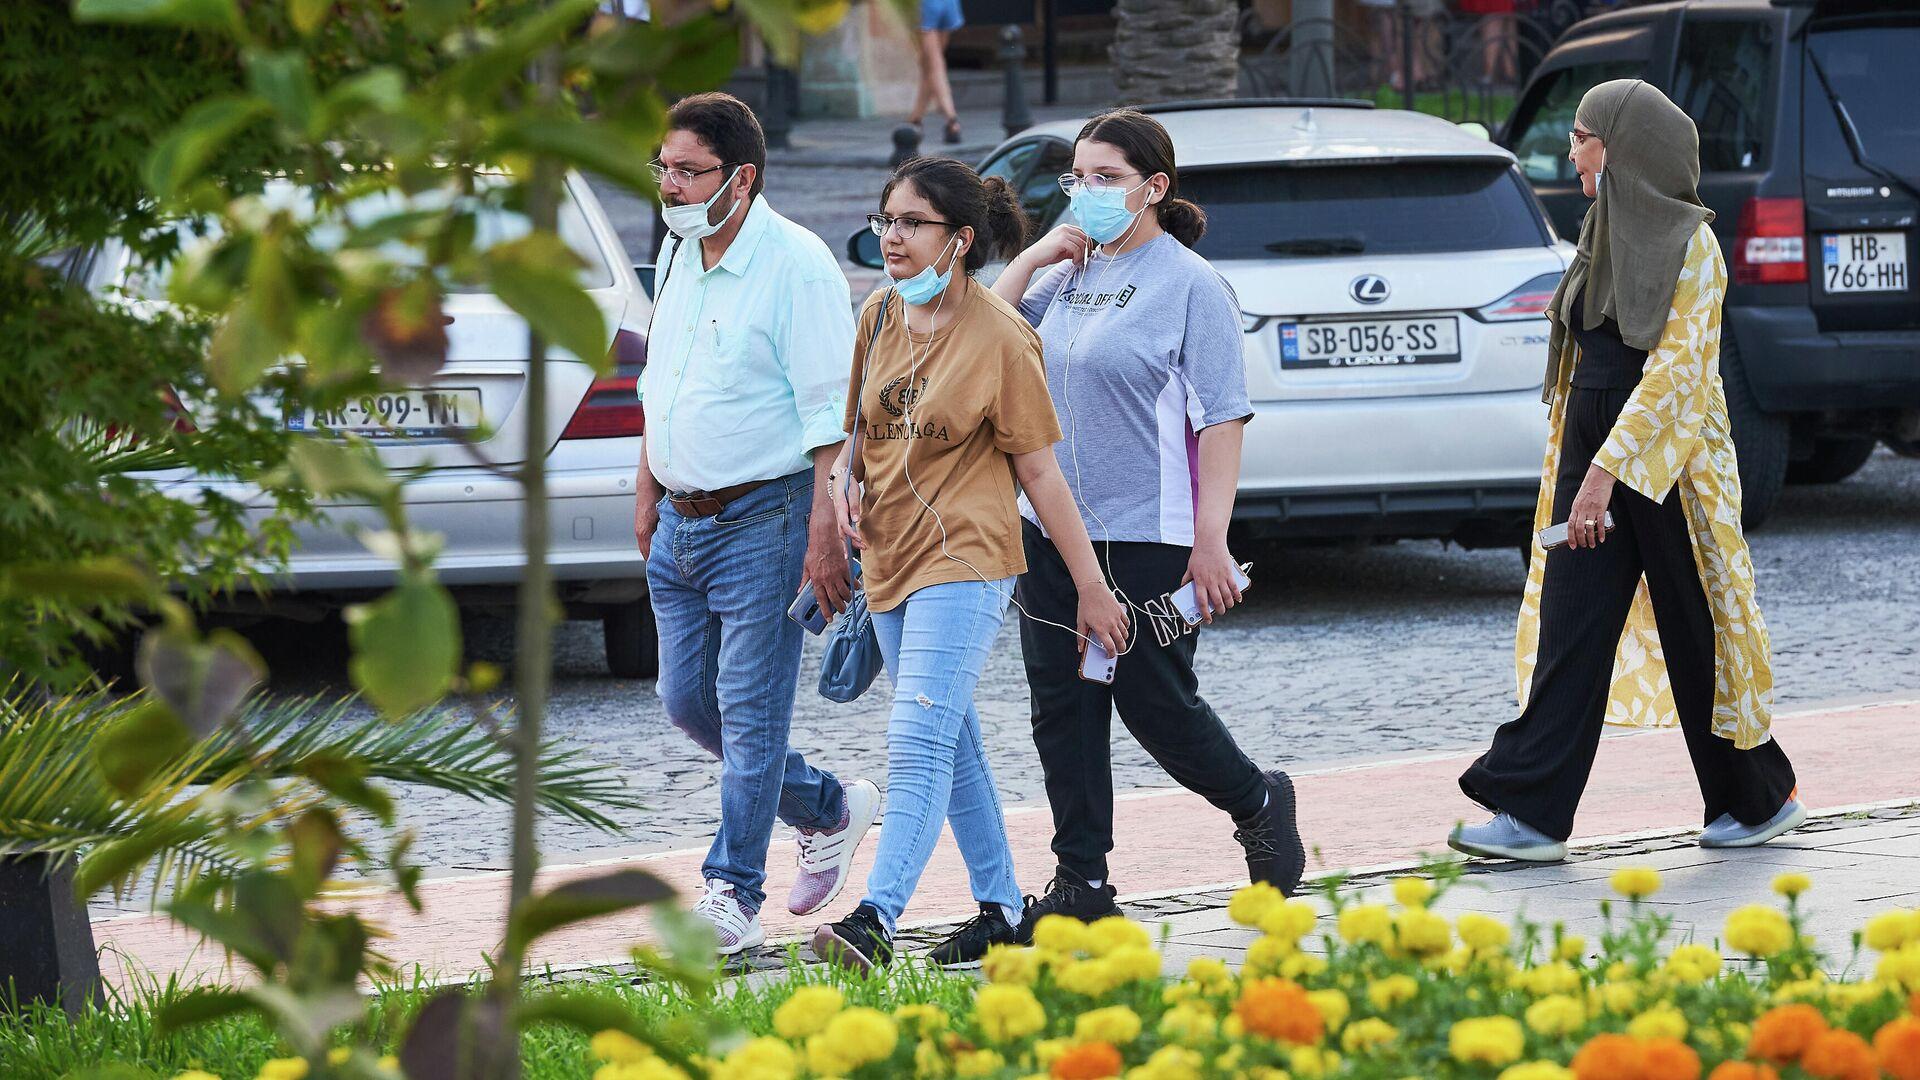 Эпидемия коронавируса - туристы на улице в масках - Sputnik Грузия, 1920, 13.09.2021